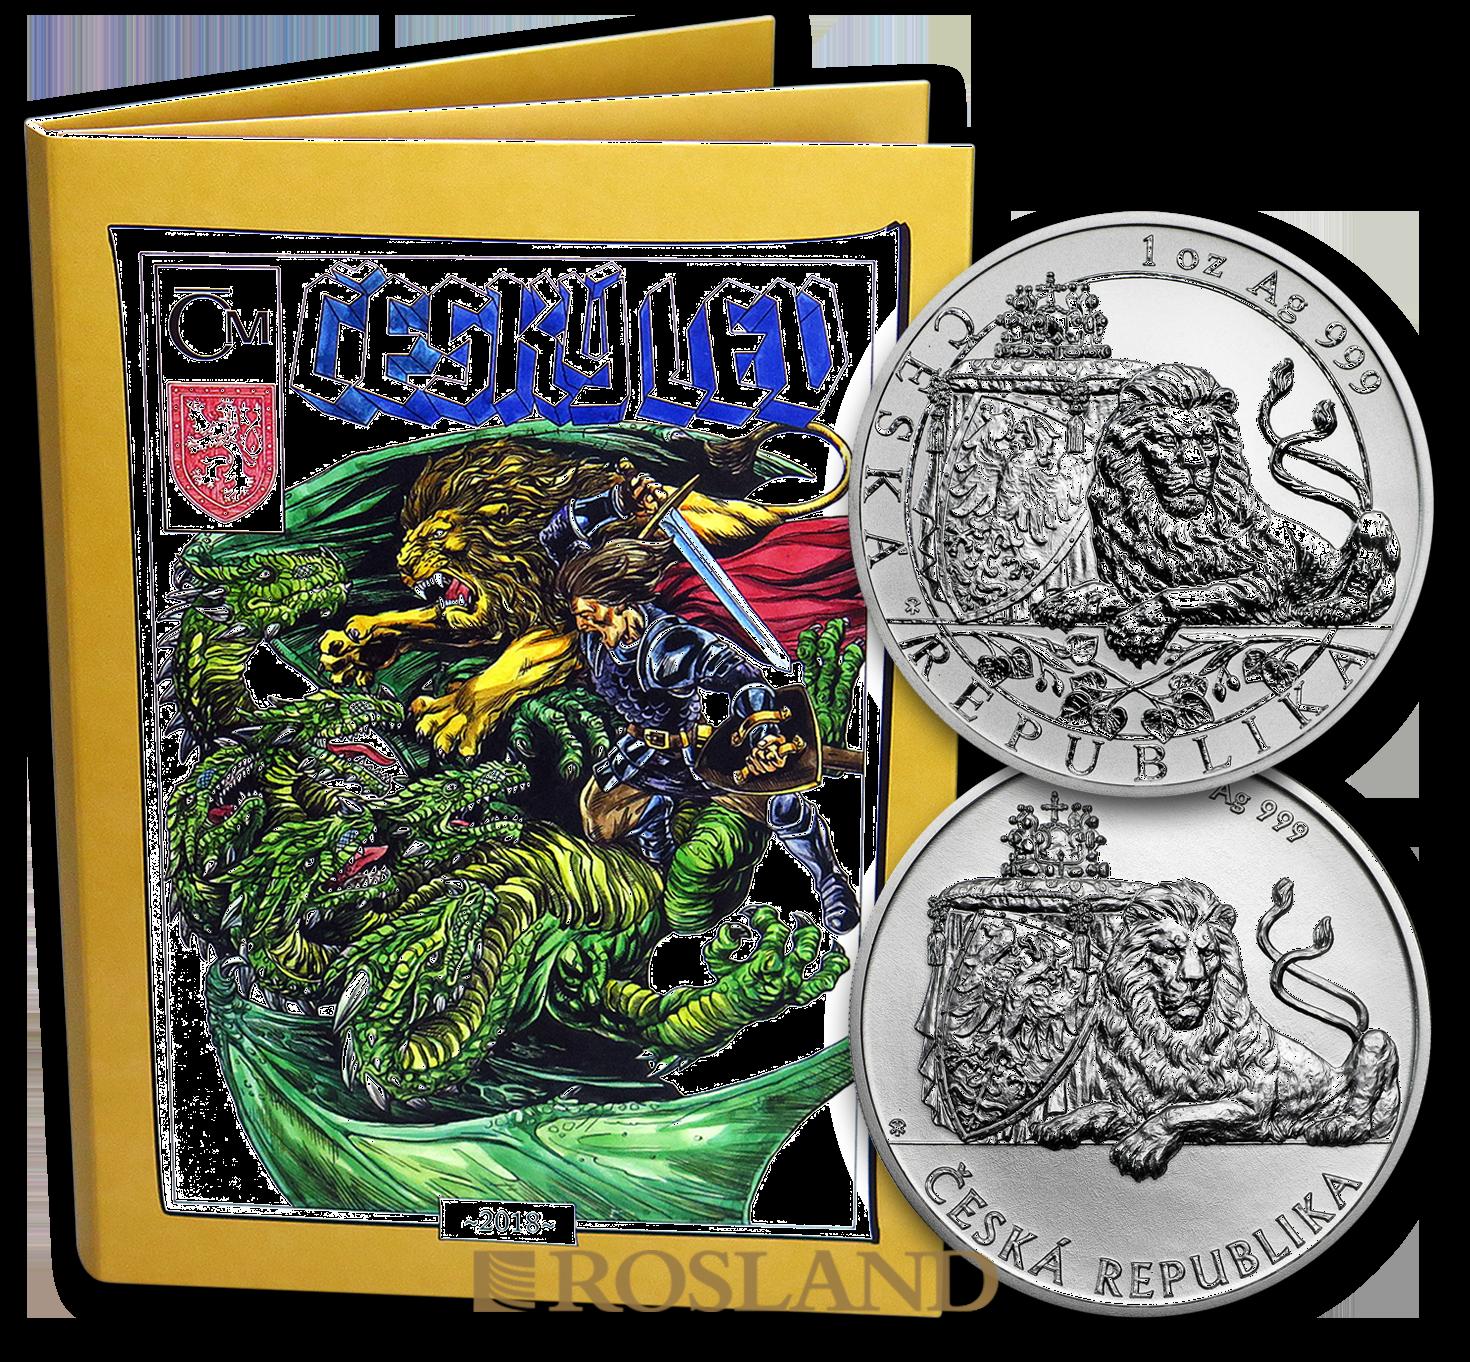 2 Unzen 2 Silbermünzen Set Tschechischer Löwe 2018 PP